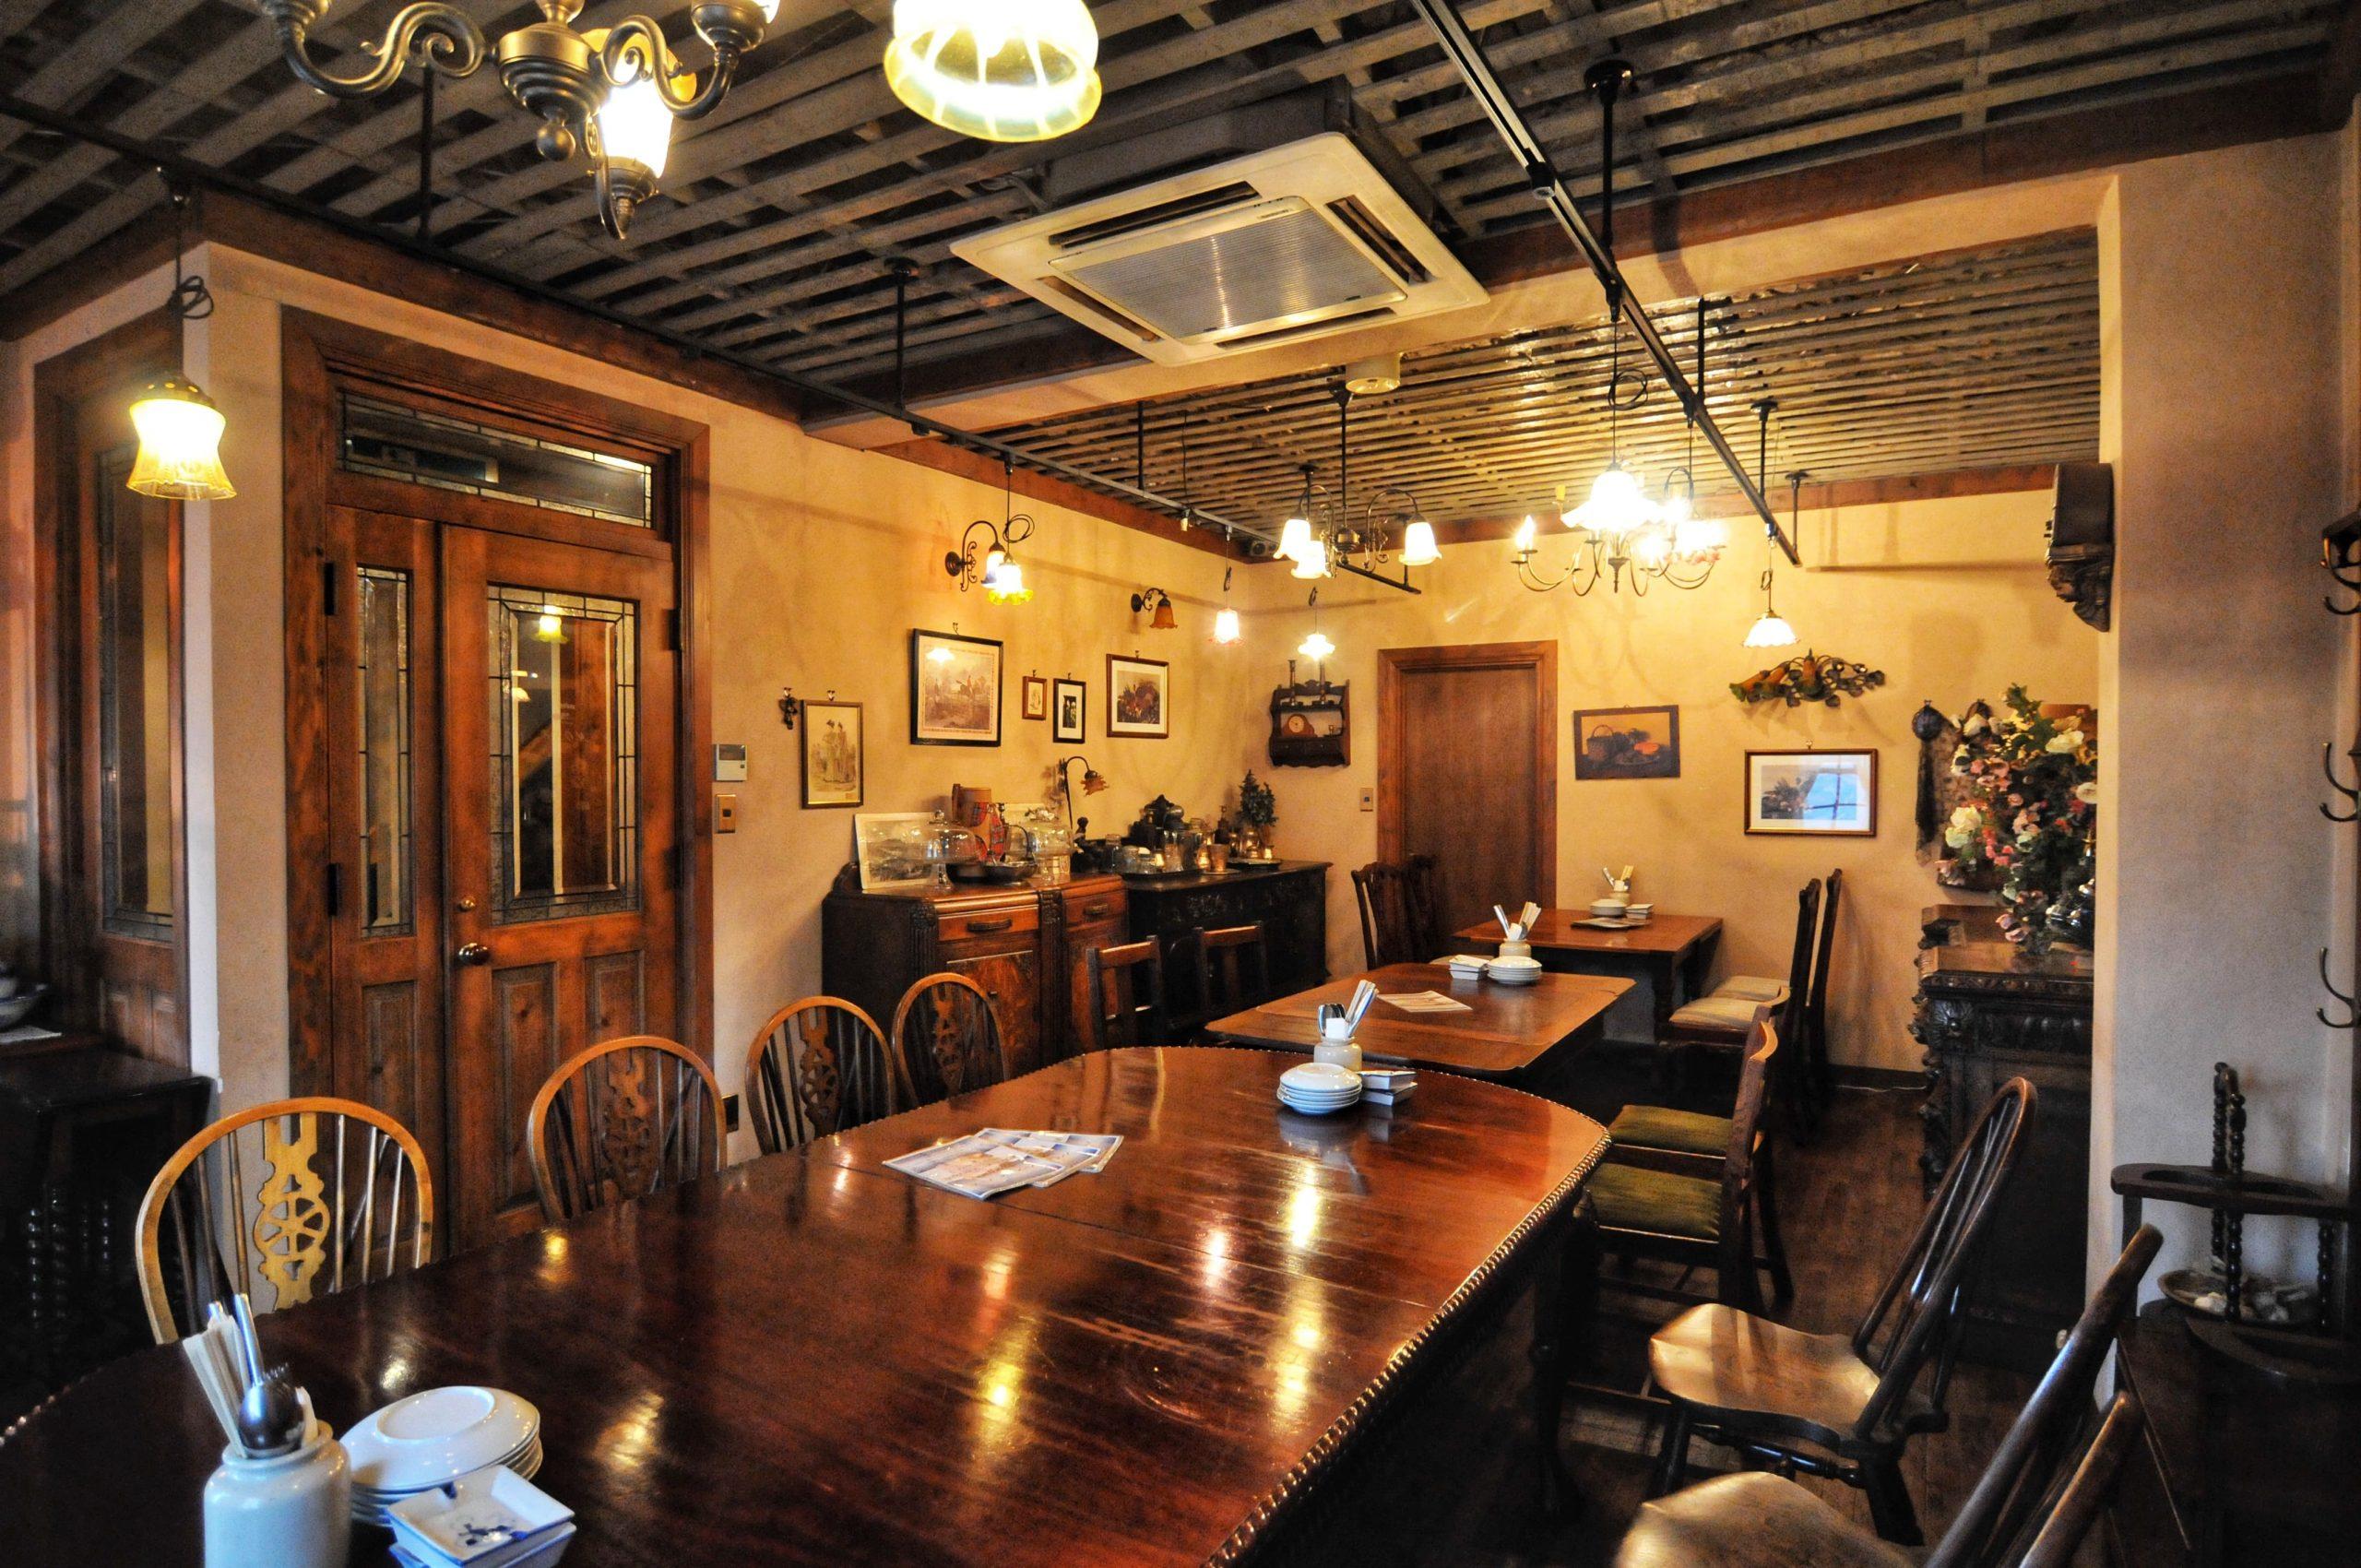 「創業40年の工務店」一級建築士事務所、愛知・小牧市「和田建設」が設計デザイン・建築した、愛知県一宮市の飲食店です。